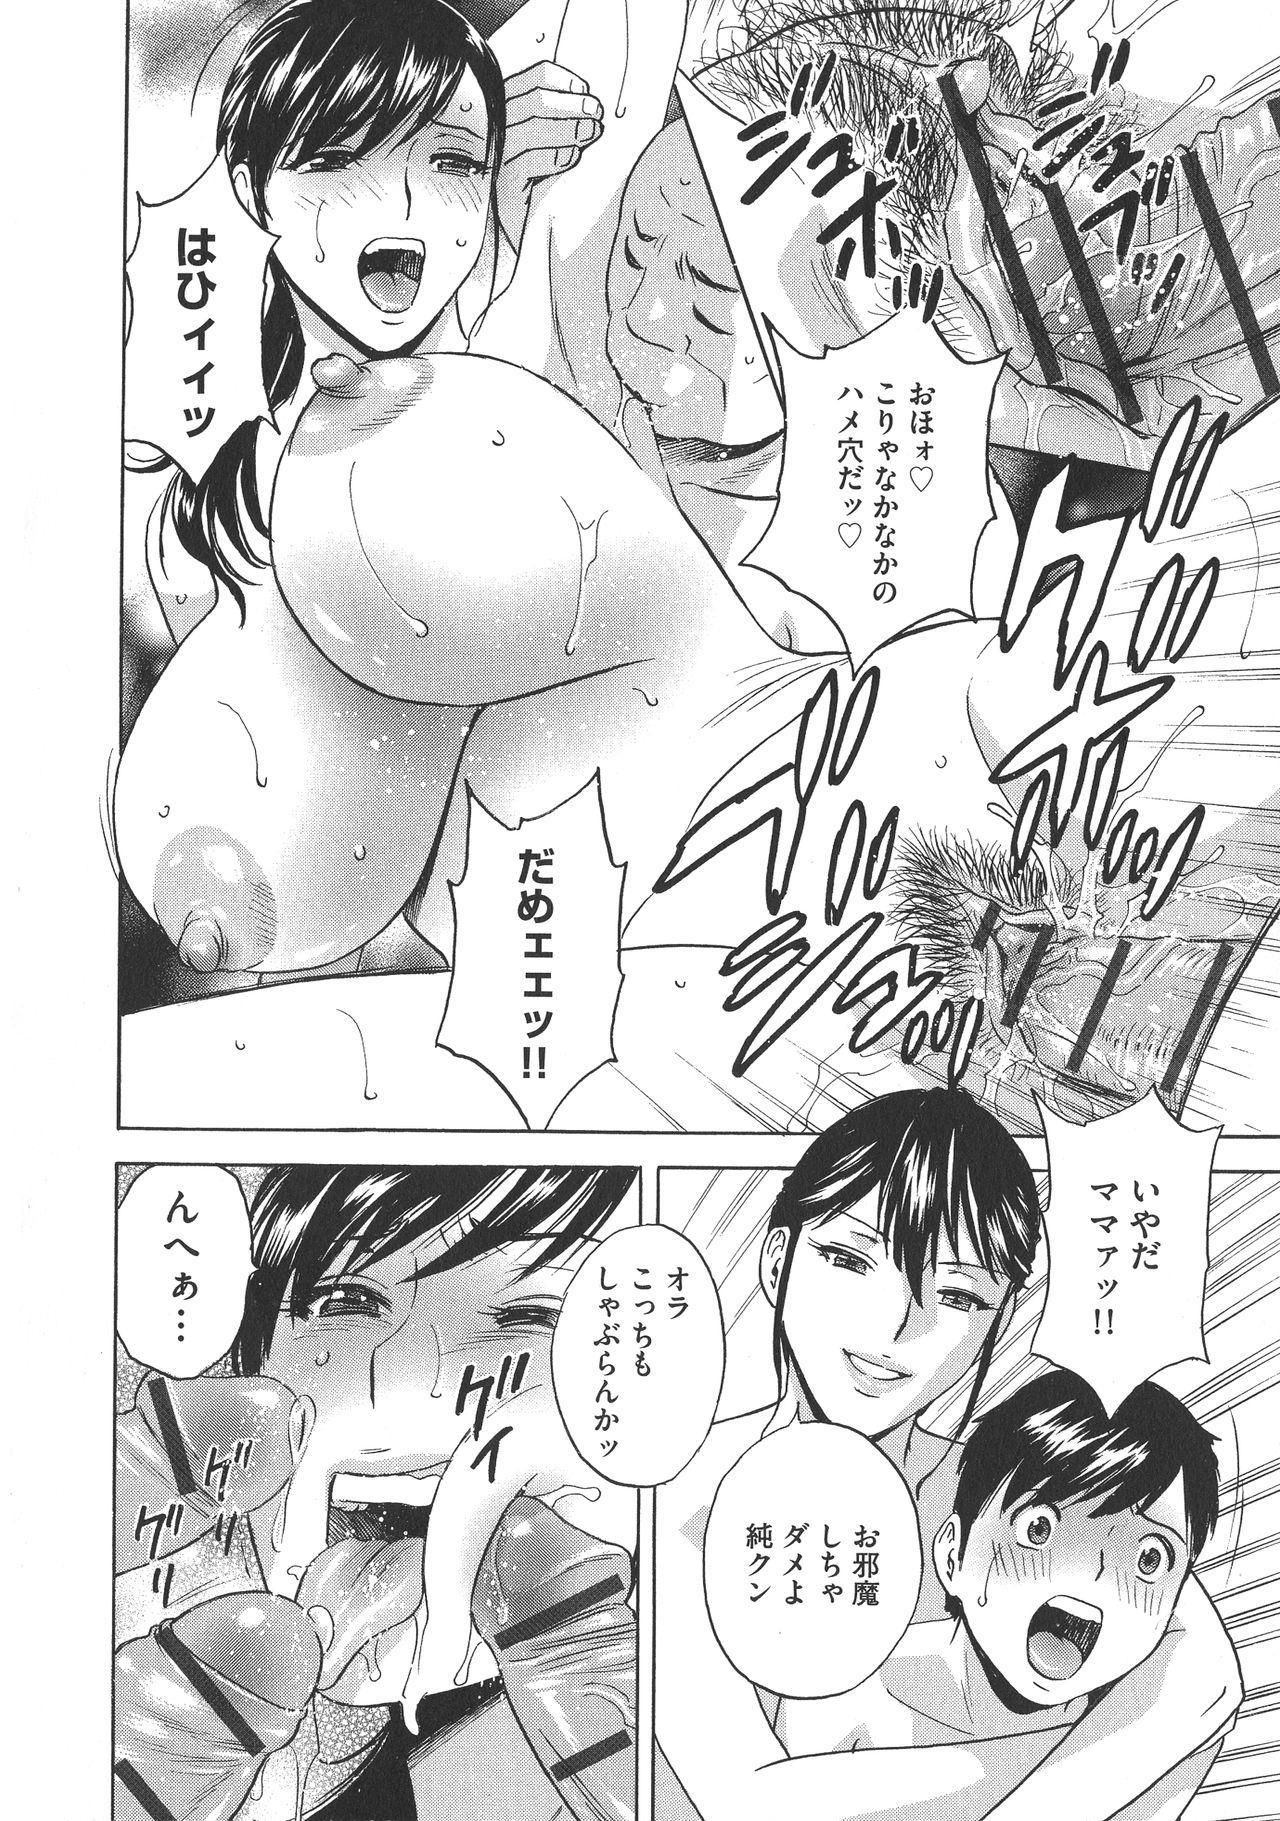 Chijoku ni Modaeru Haha no Chichi… 173